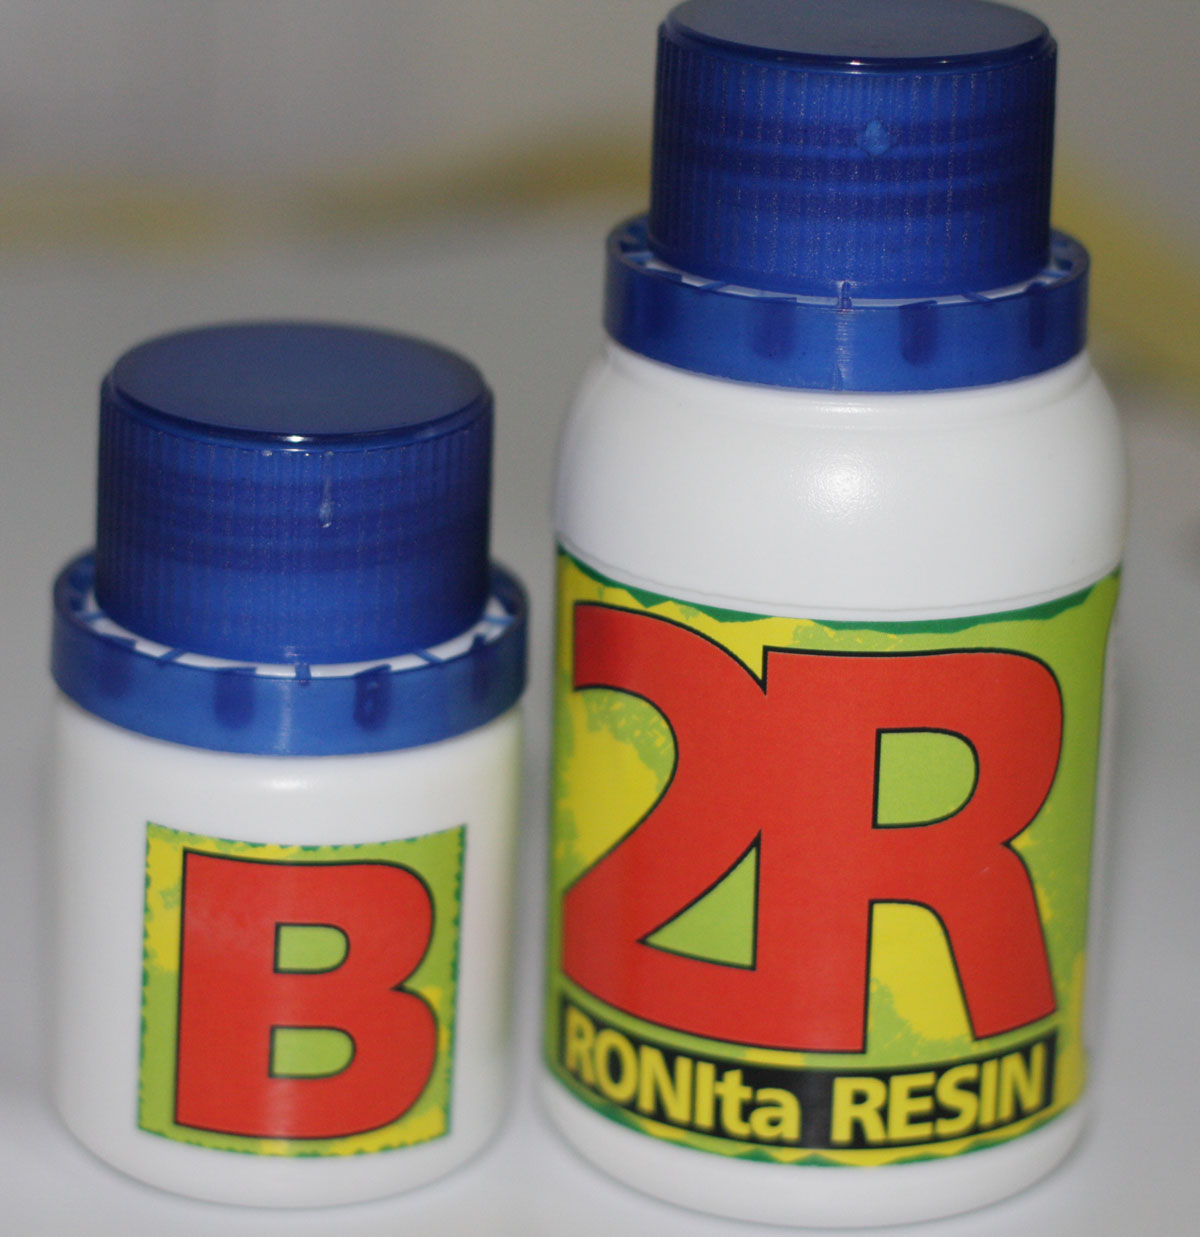 Ronita resin resin untuk membuat efek timbul dome ronita